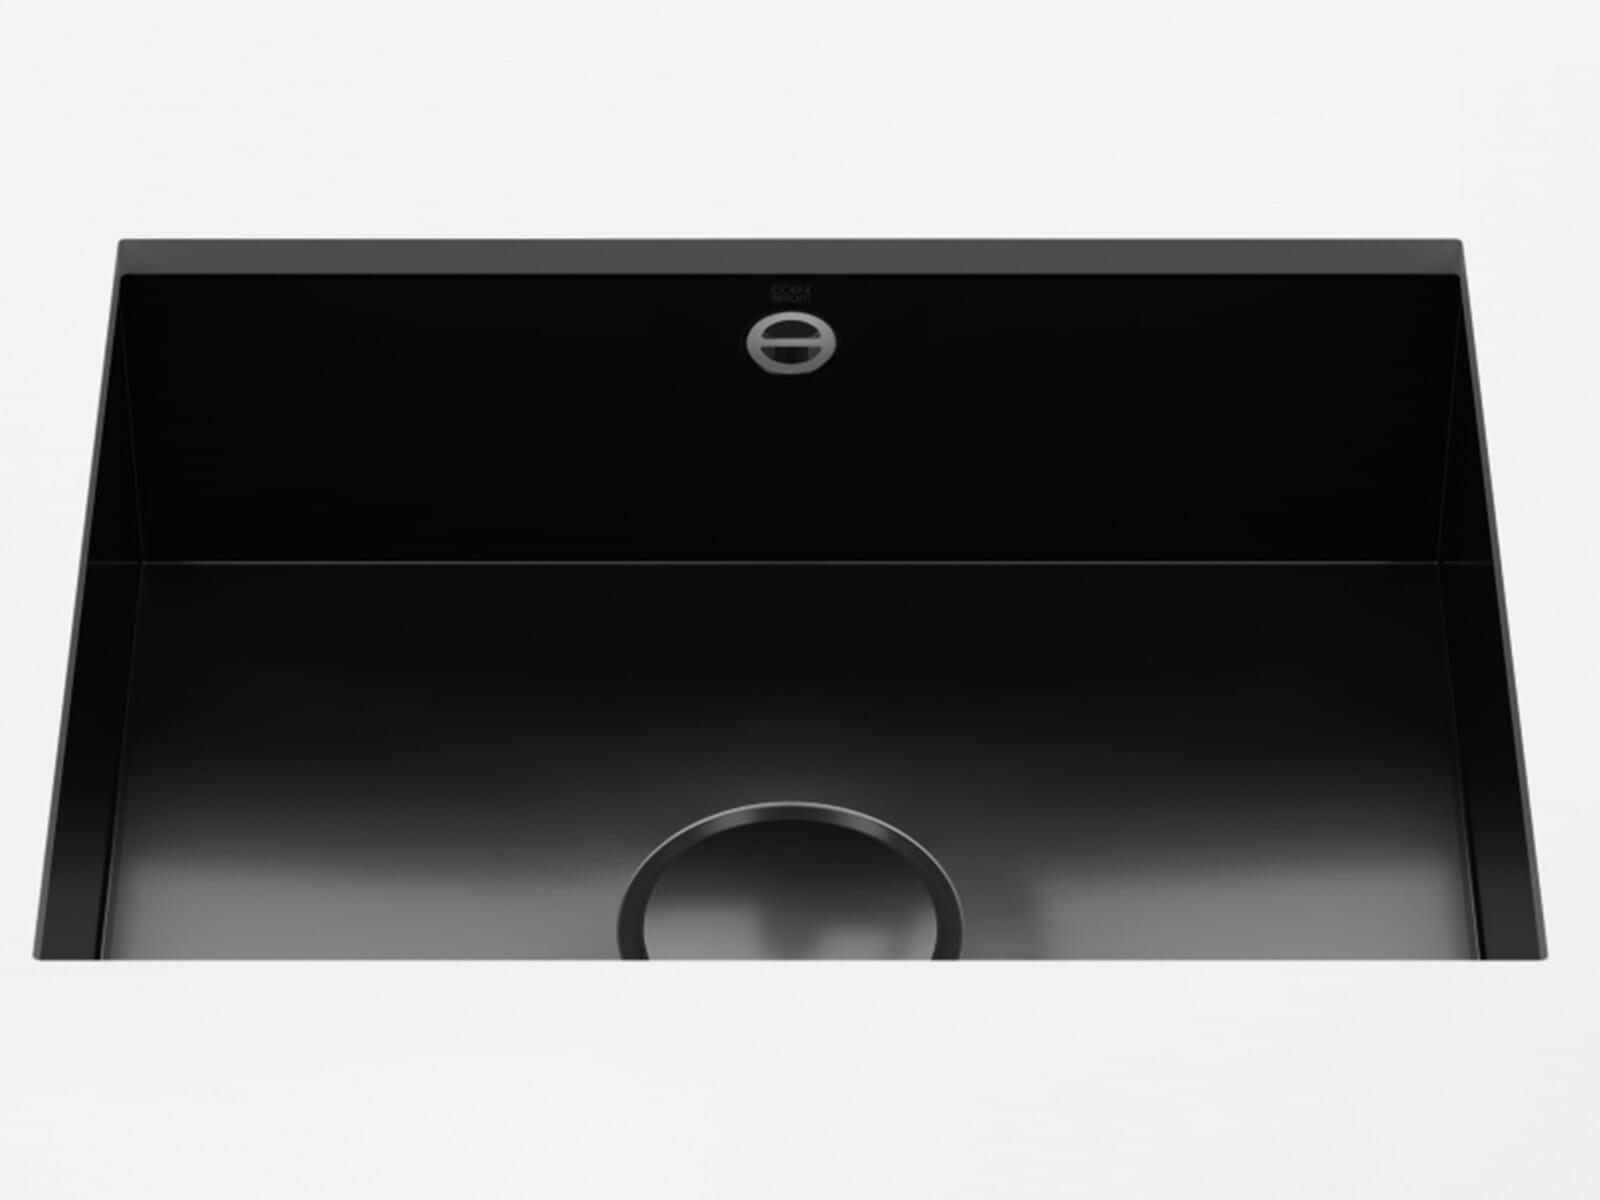 Dornbracht Unterbau-Spüle Glasierter Stahl Schwarz Glänzend 38550002-76